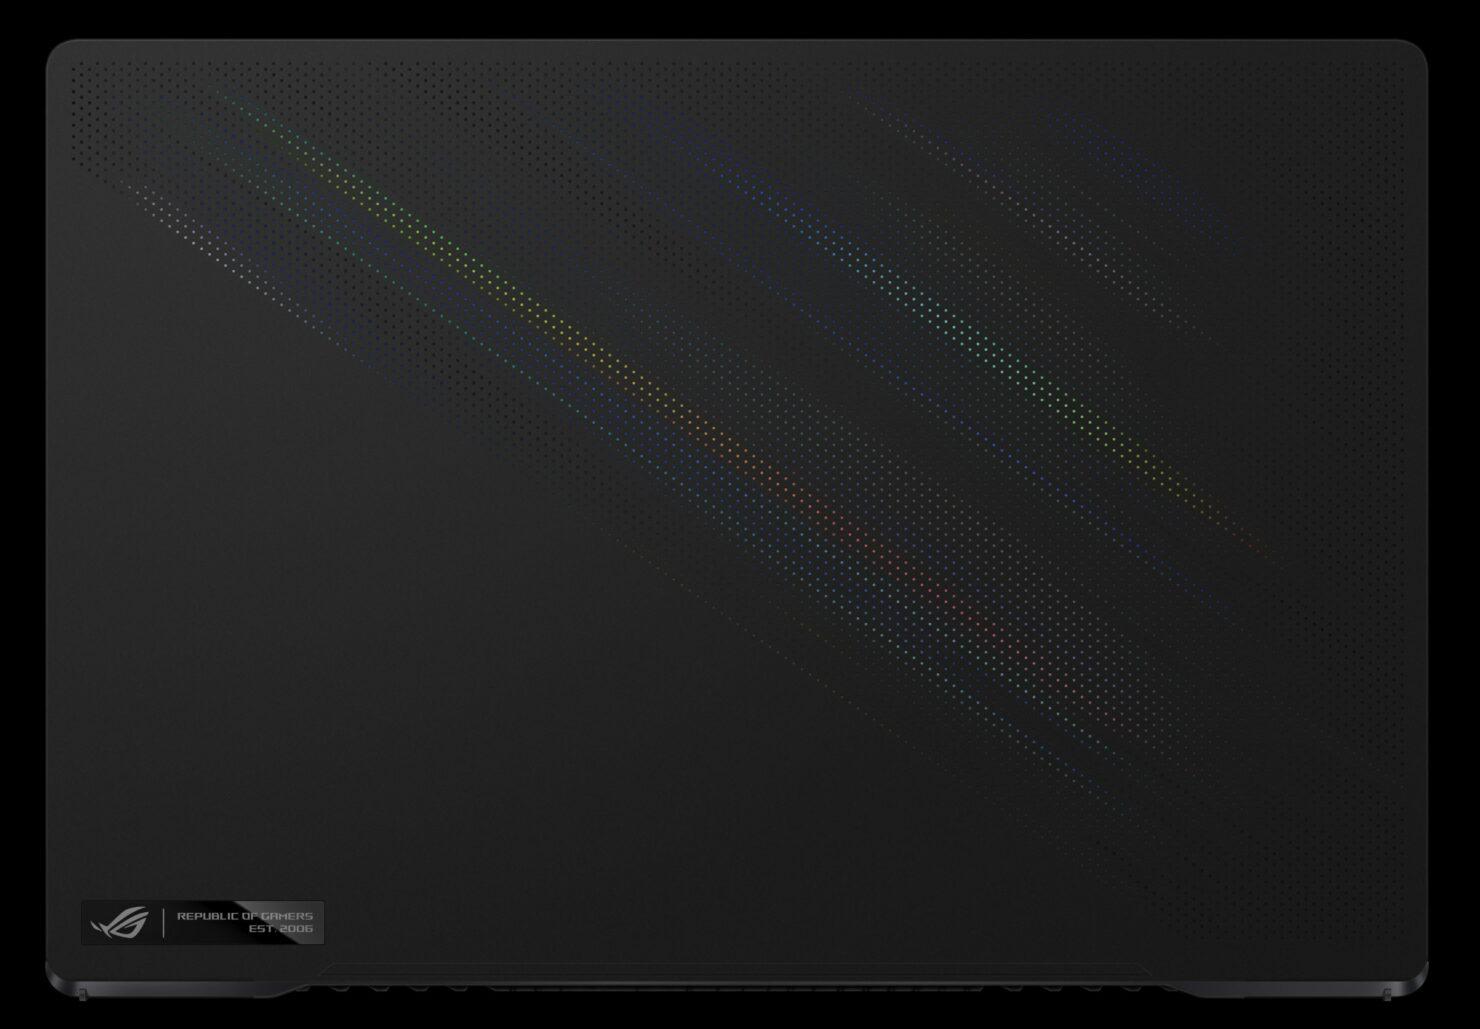 asus-rog-zephyrus-m16-gaming-laptop-_4